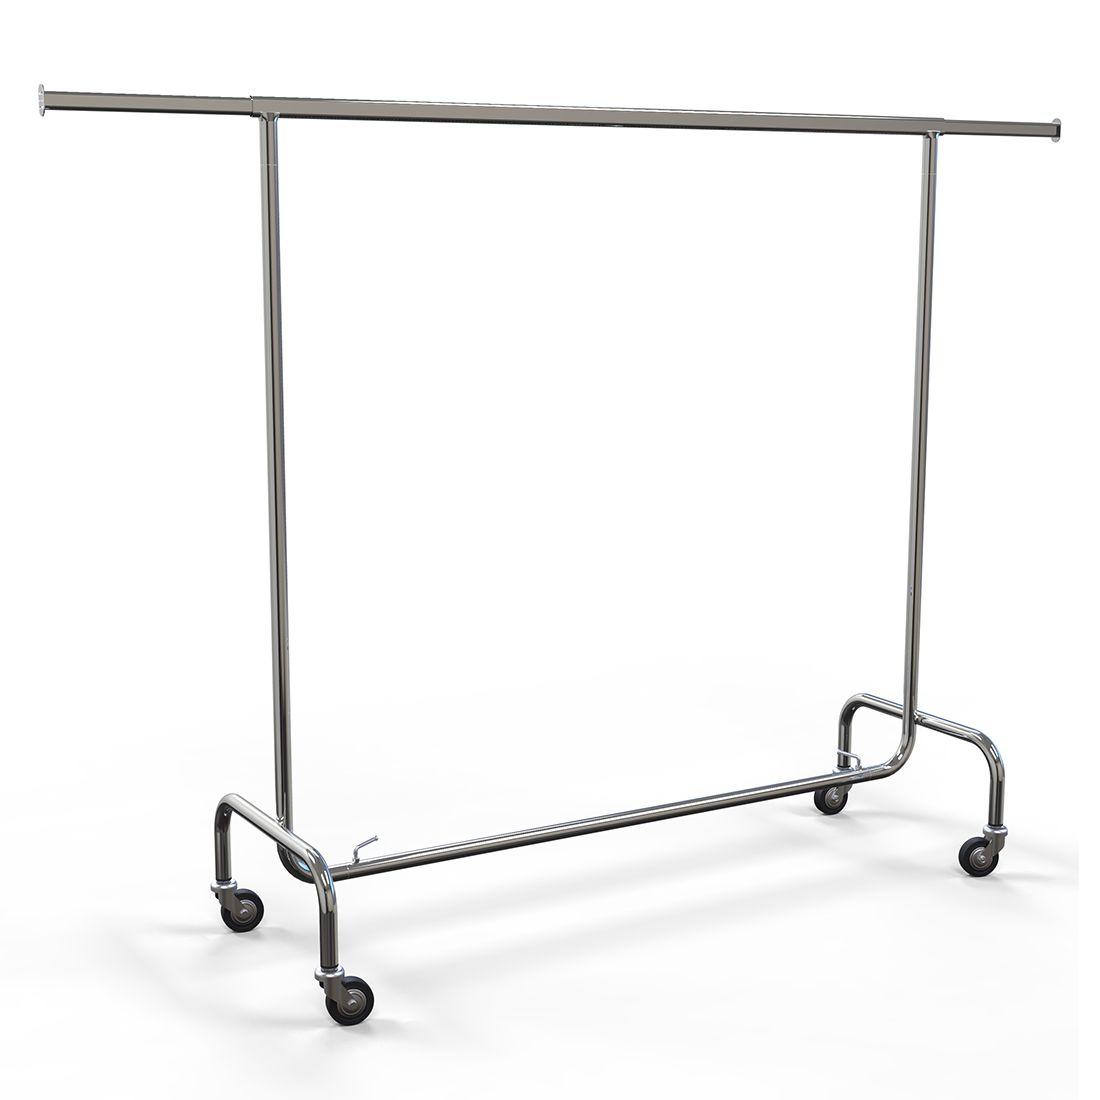 Ikea stender appendiabiti pannelli decorativi plexiglass - Porta abiti con ruote ...